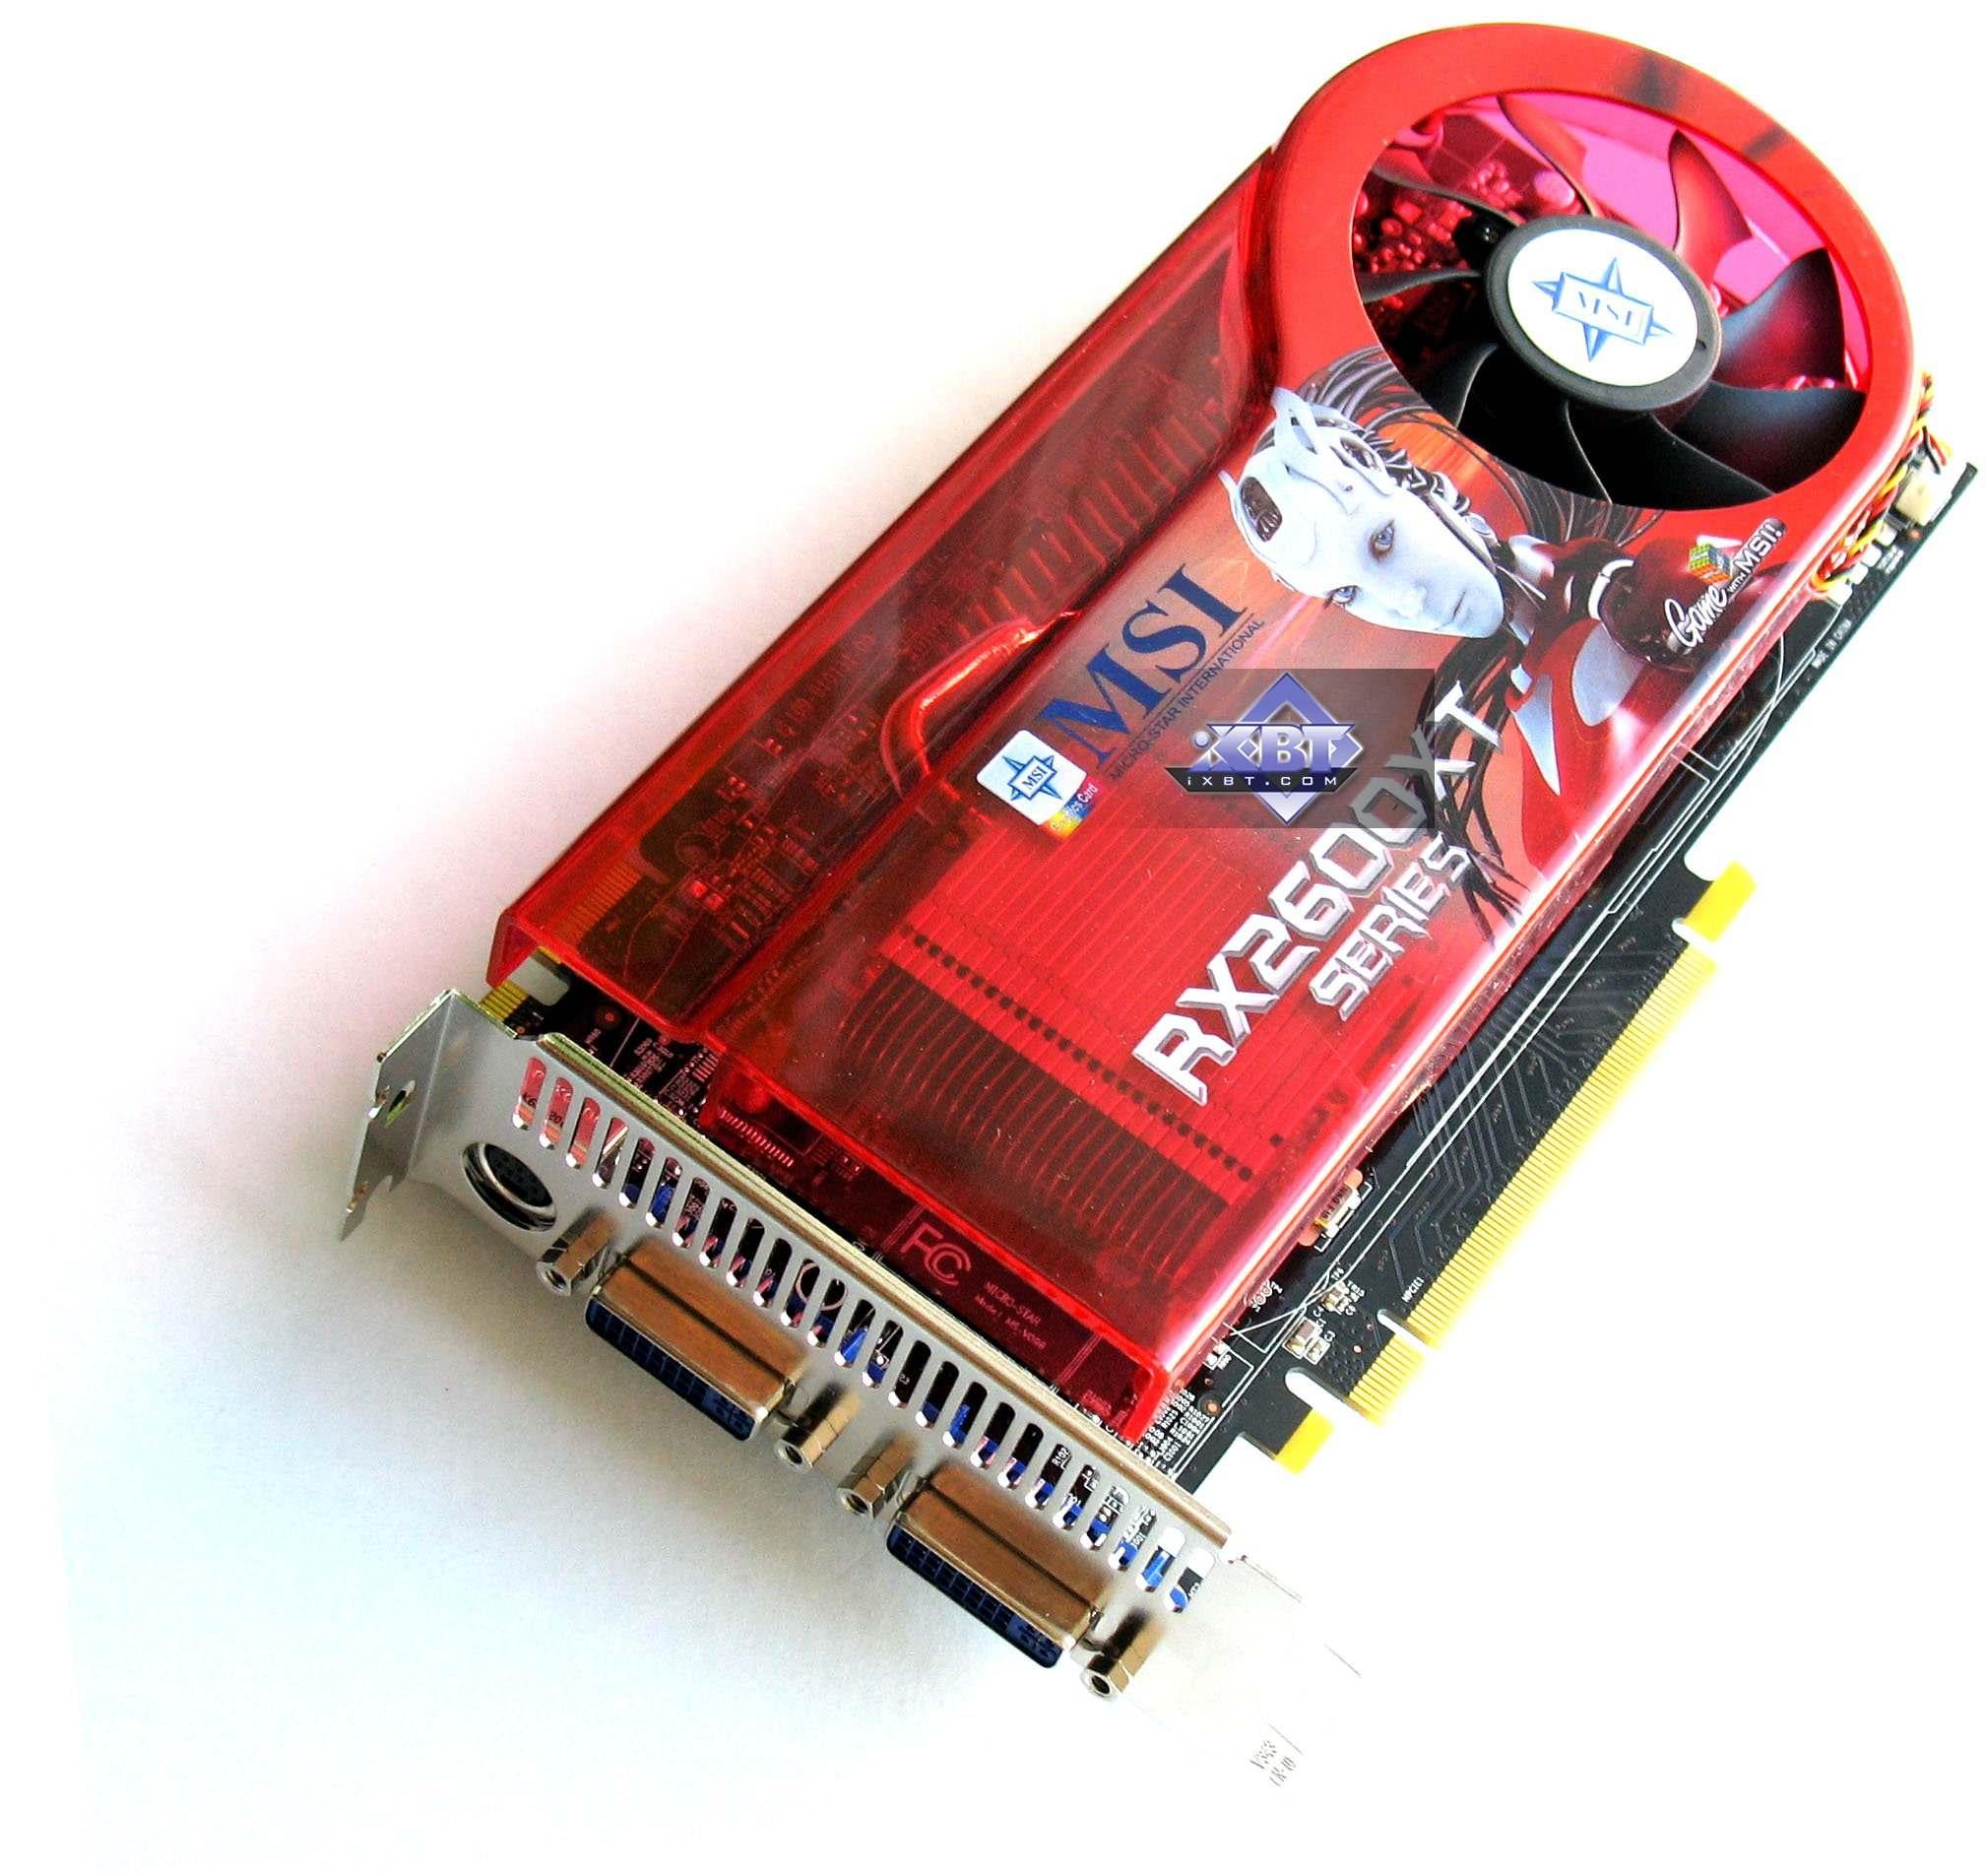 скачать видеодрайвер для ноутбука ati radeon xpress 1100